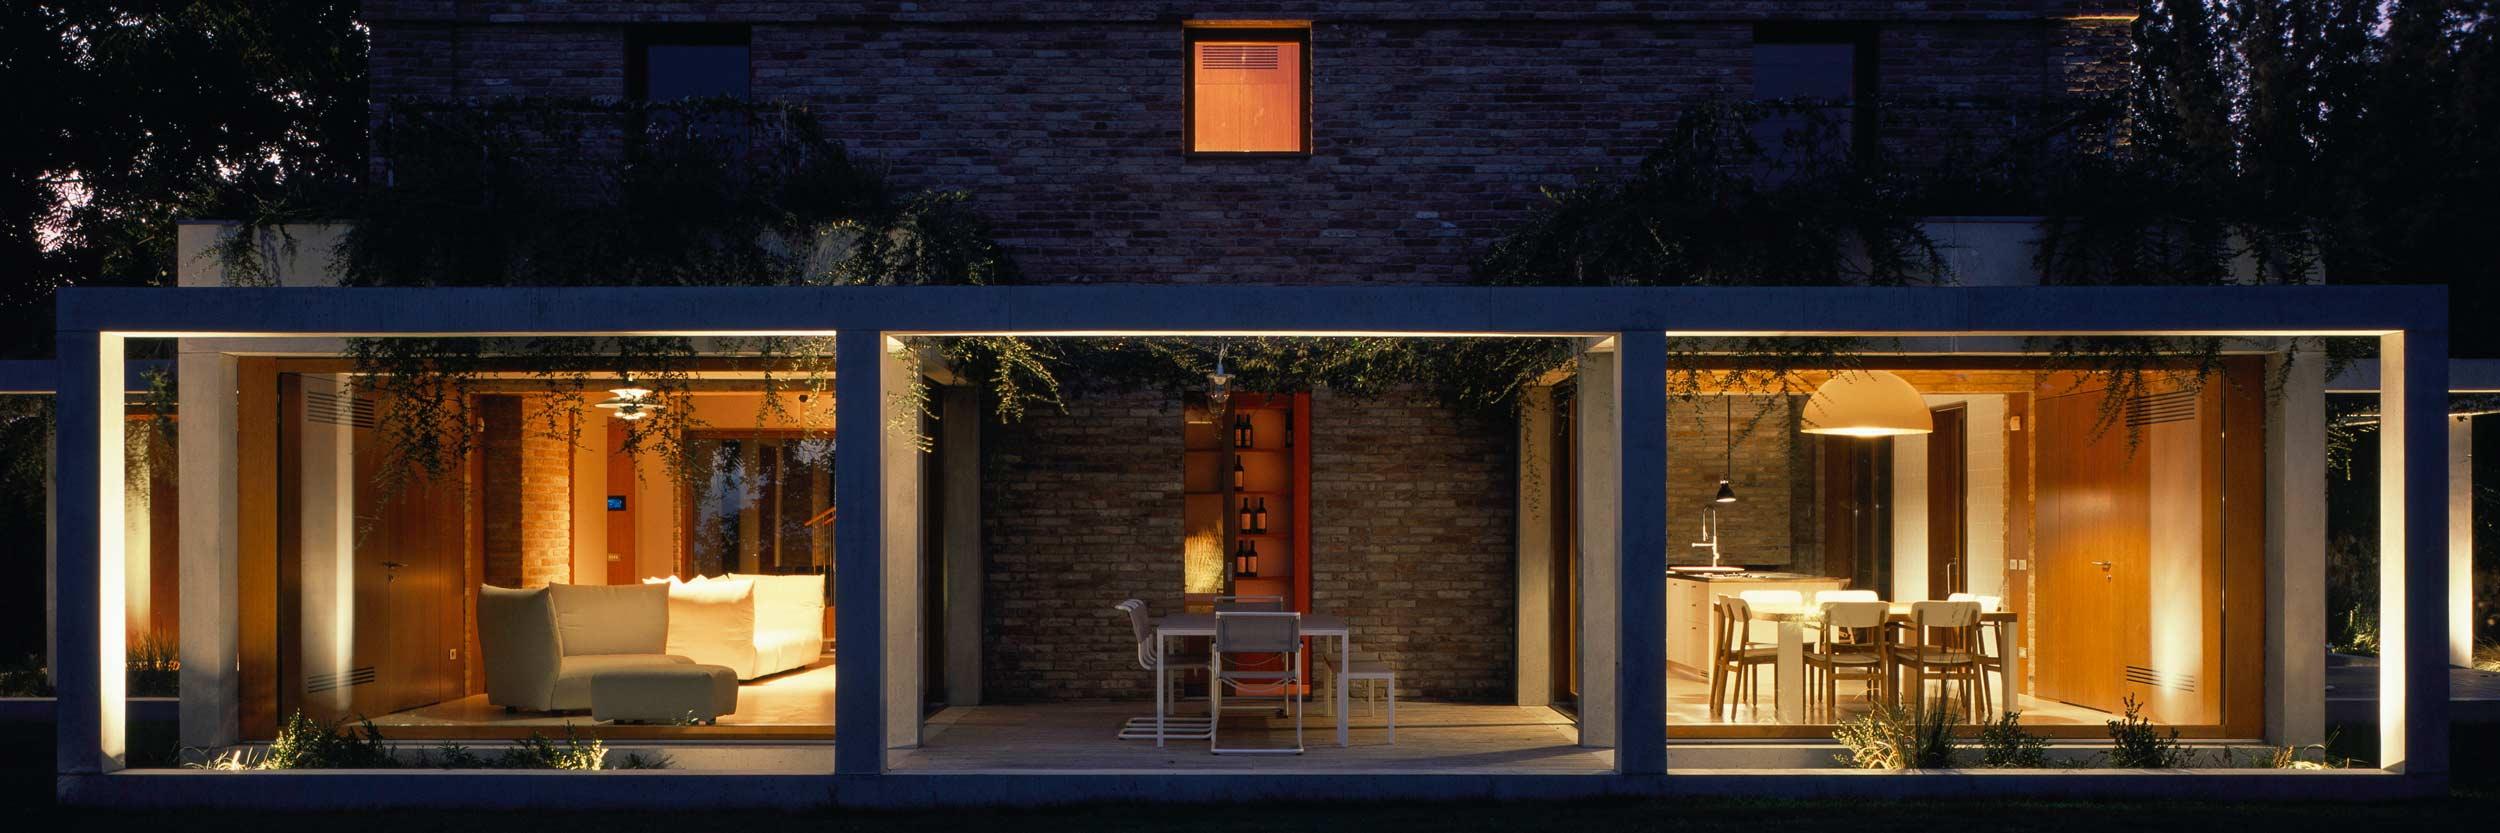 Vue d'une façade avec fenêtres en bois Klima 80